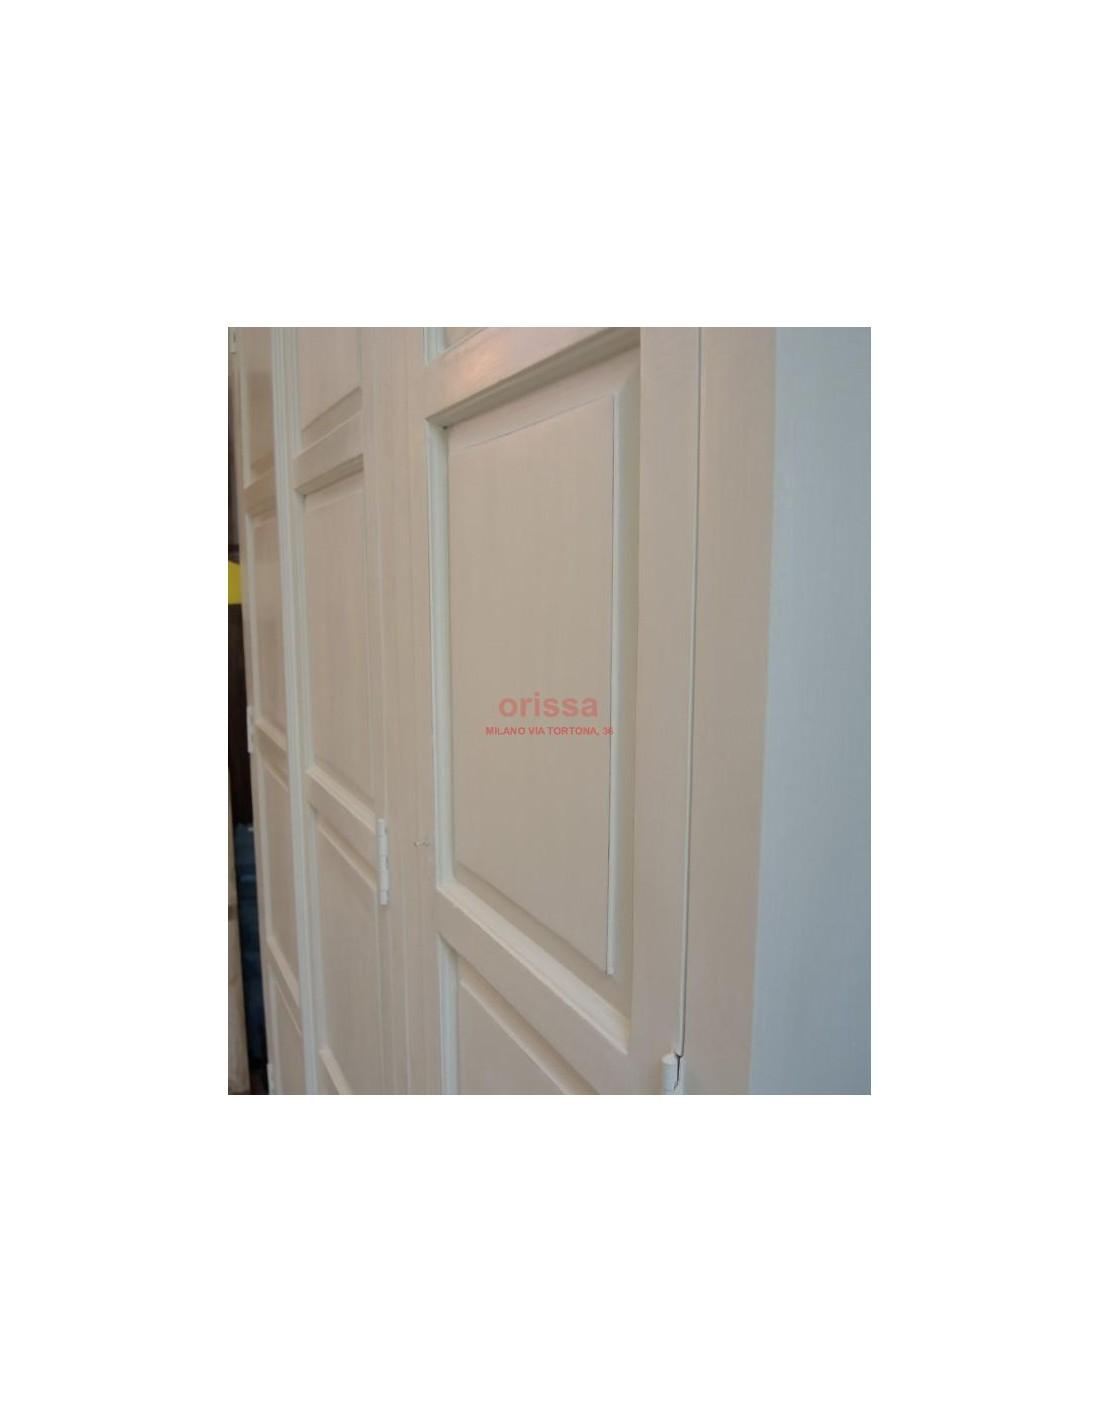 armadio tre ante bianco decapato OR321 - Orissa Milano